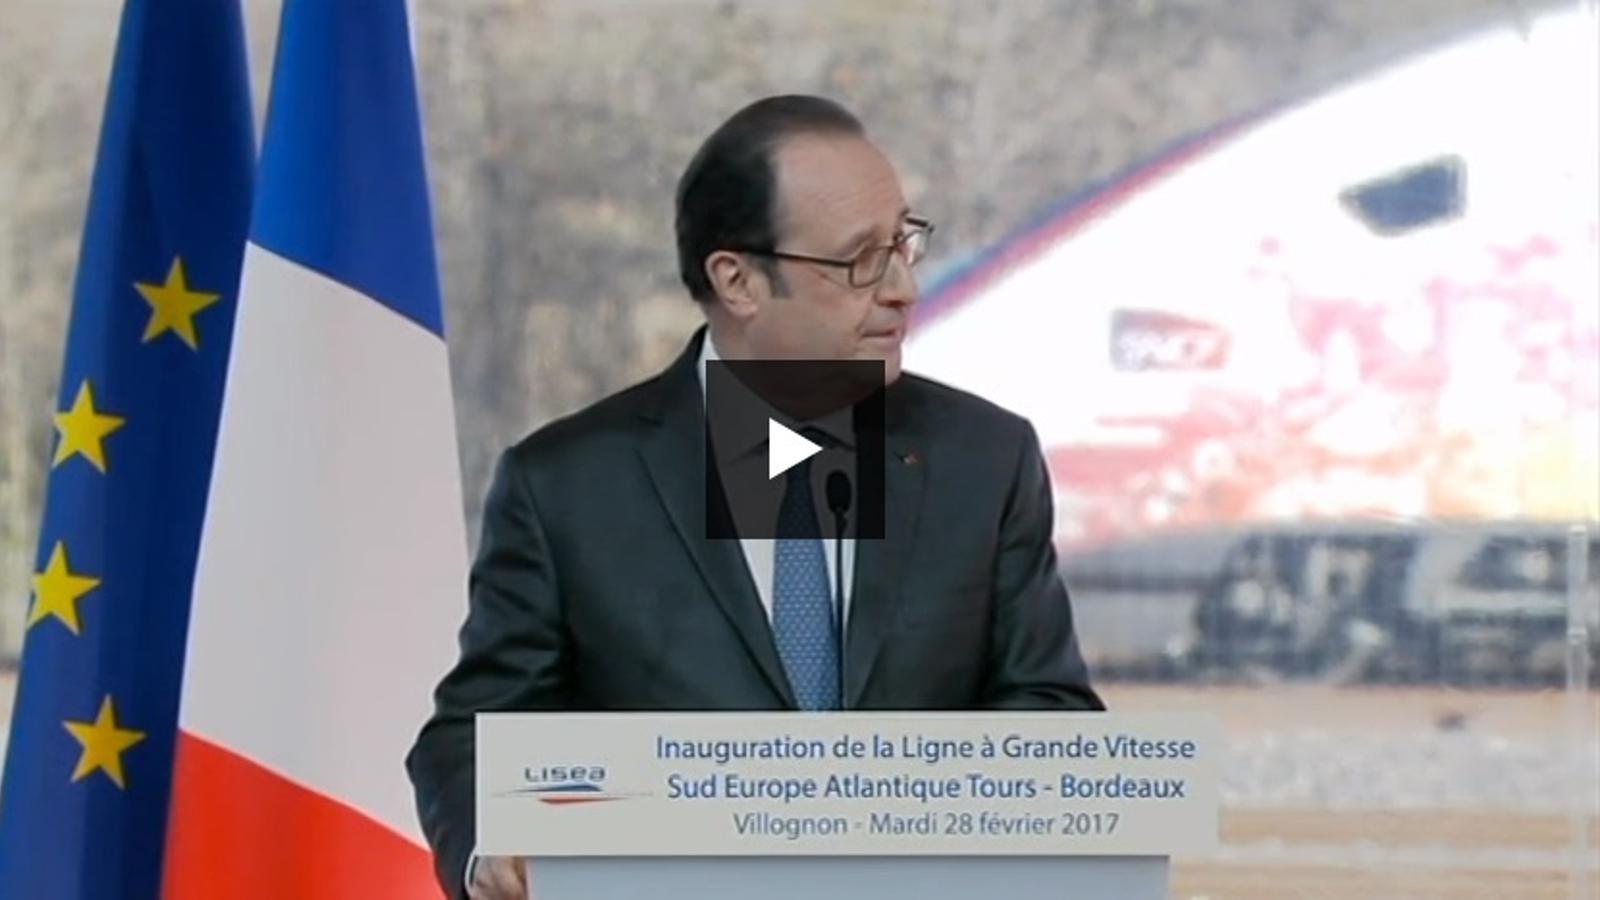 Moment en què se sent el tret i Hollande interromp el discurs